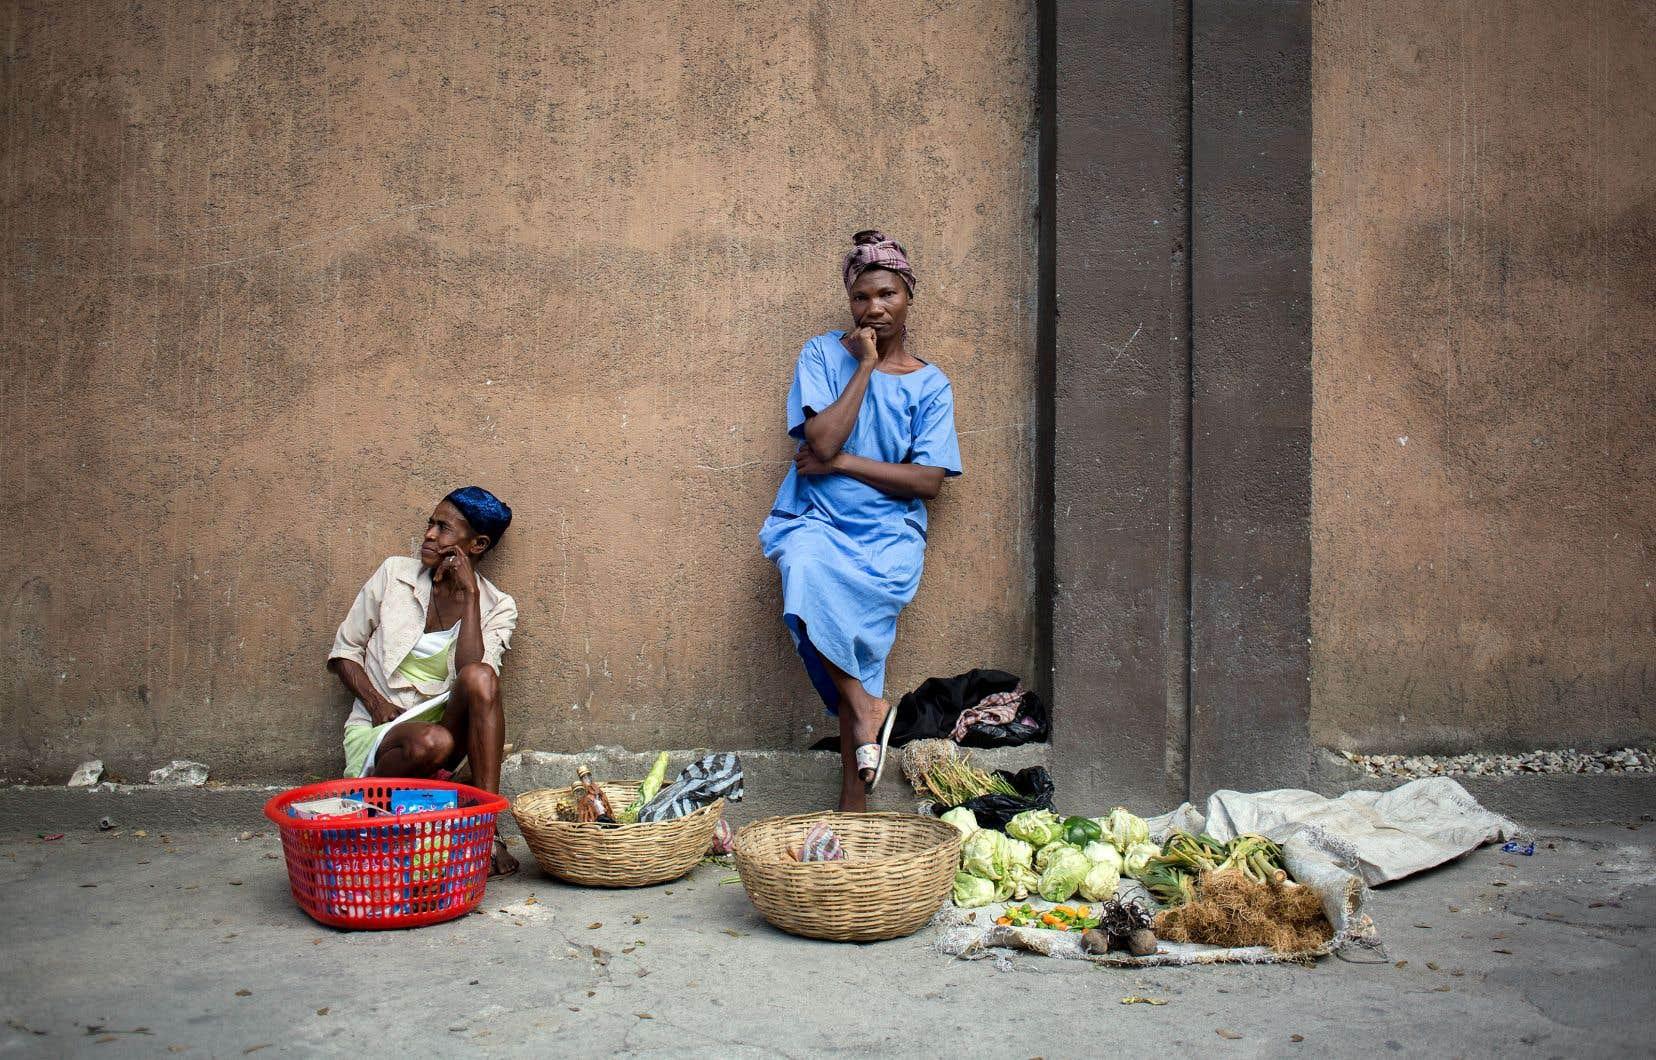 Cerilia Calix vend des légumes dans une rue de Port-au-Prince, le peu d'argent qu'elle en tirera est destiné à sa famille restée en région.